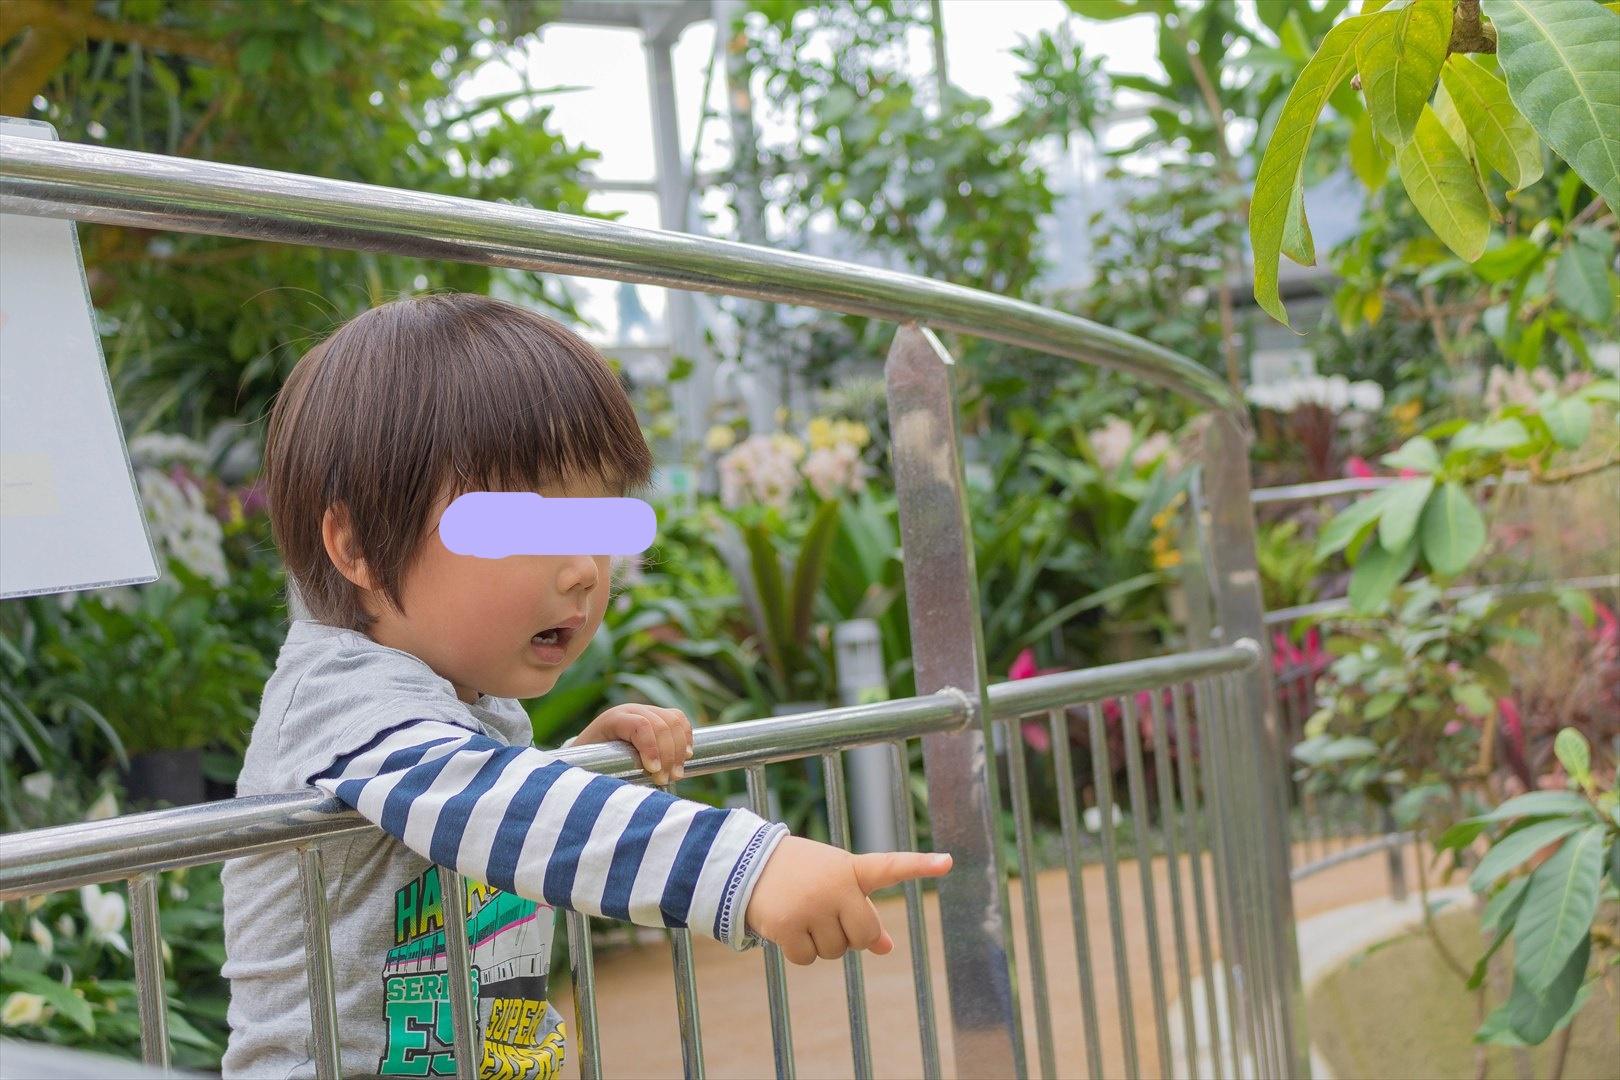 広島市植物公園でカメラ散歩(2021年4月3日午前)Canon EOS Kiss X8iで撮影